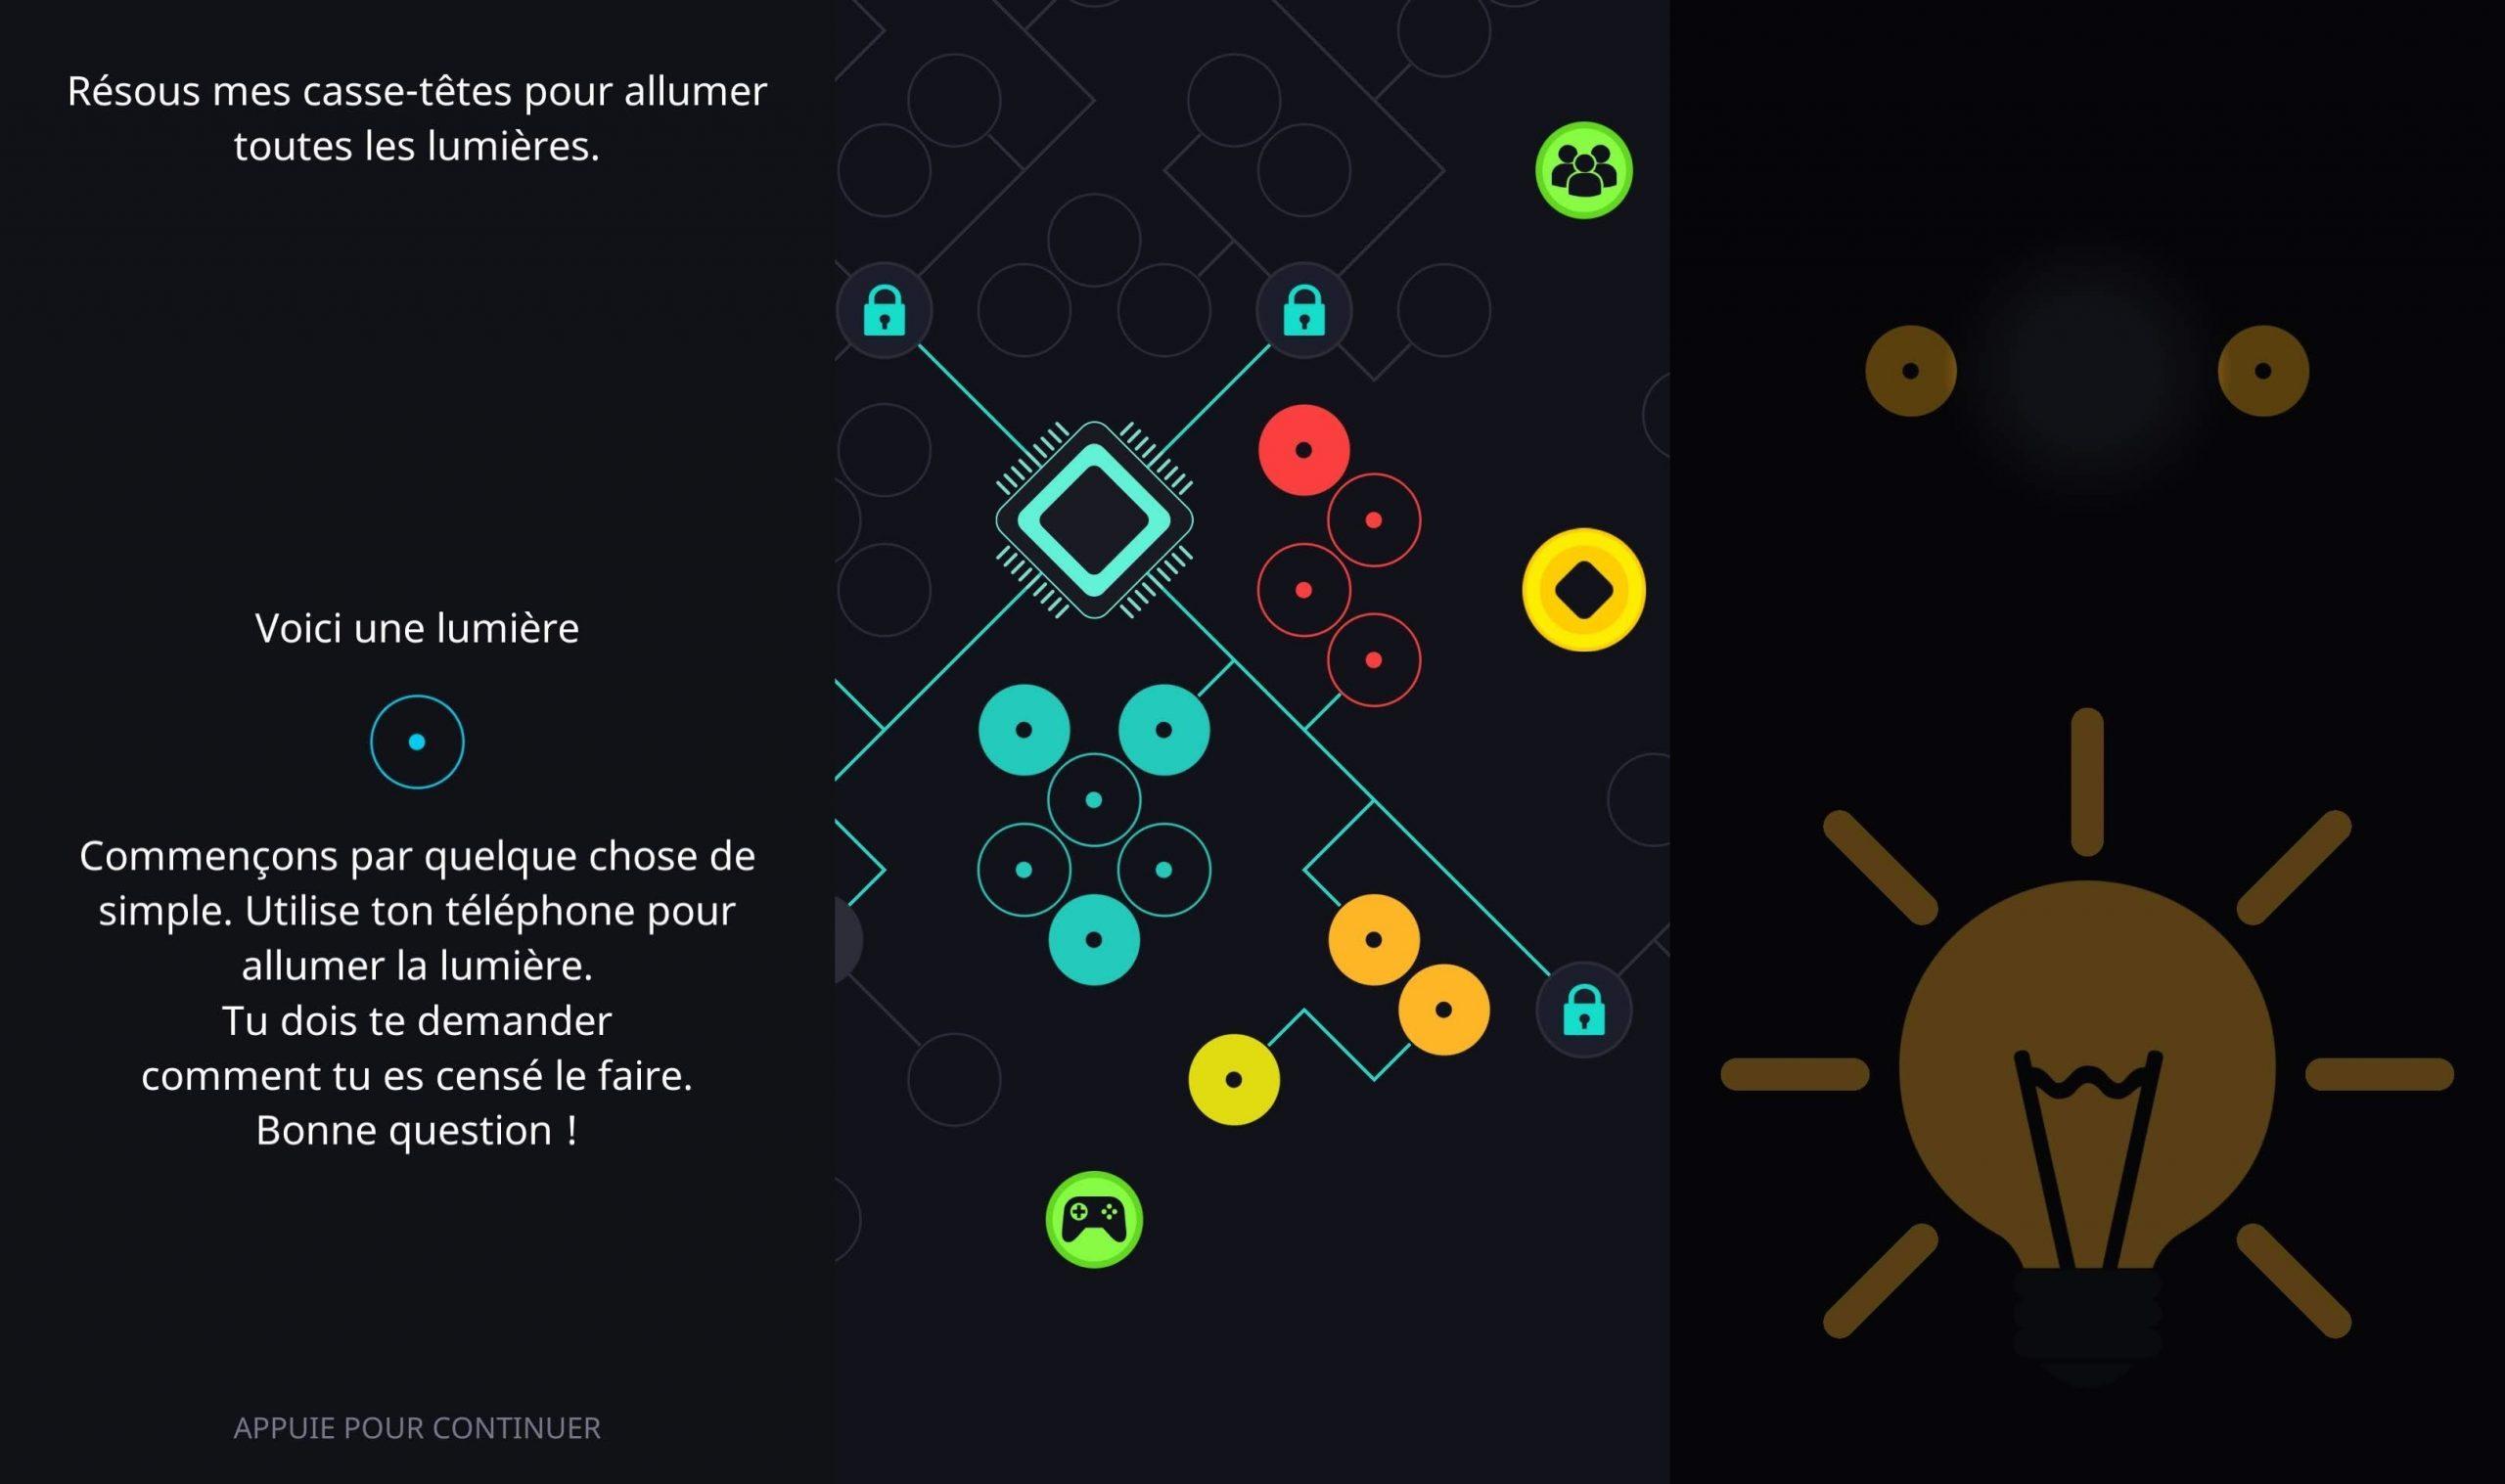 Jeux Casse Tete A Telecharger Vérifié | Gamezzg concernant Jeu De Casse Brique Gratuit